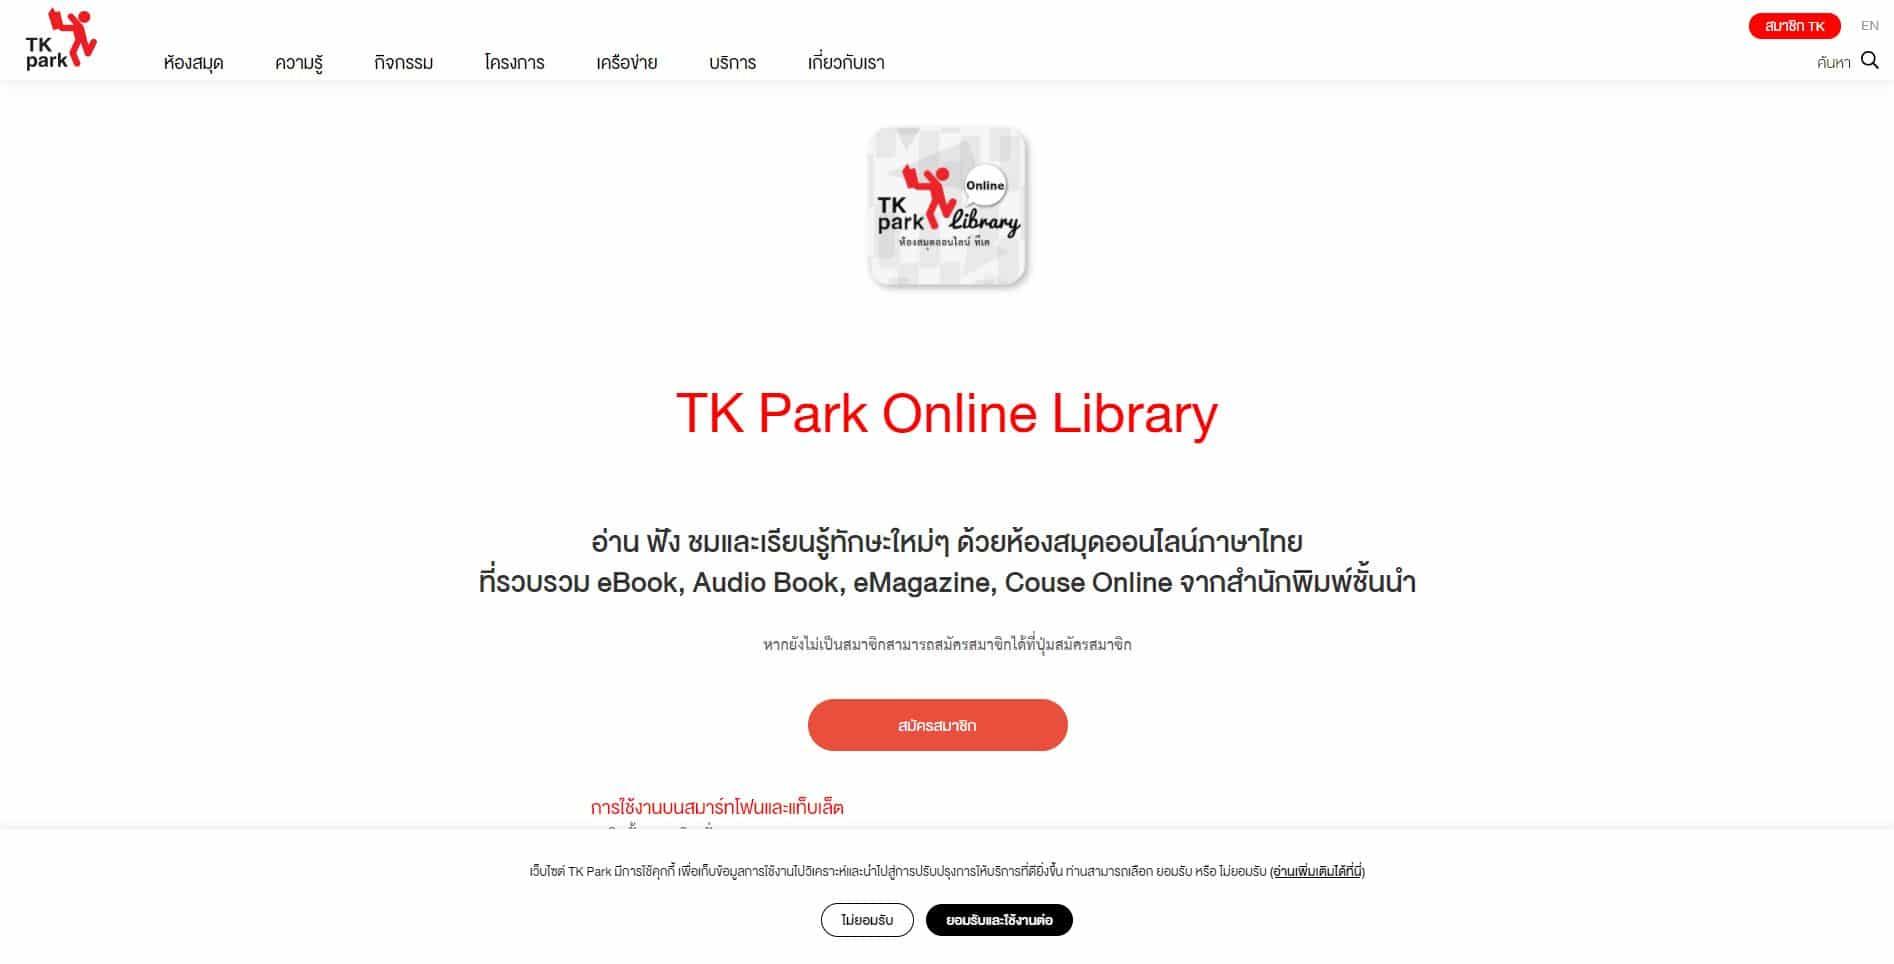 รูป e book 04 - ประกอบเนื้อหา แนะนำ 6 เว็บไซต์สำหรับคนชอบอ่าน ที่เปิดให้อ่านหนังสือฟรี